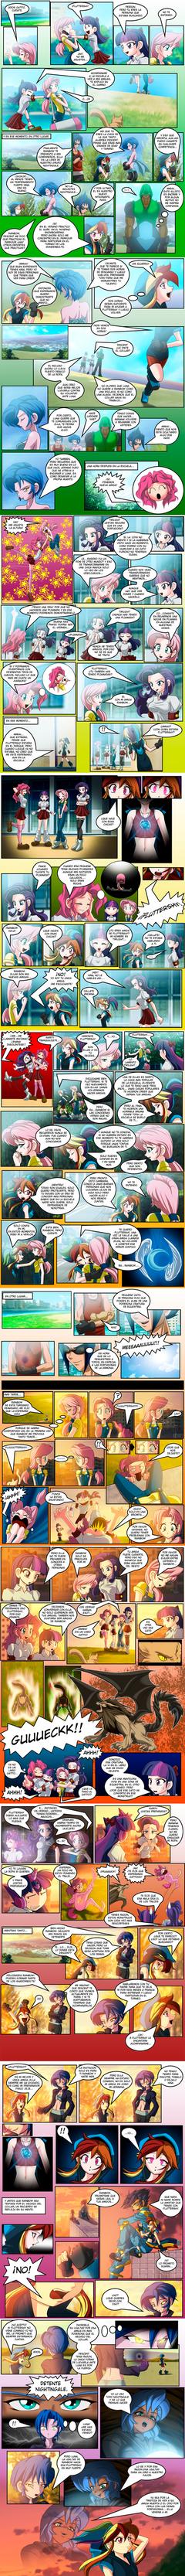 la magia de la amistad 03 parte 3 by mauroz